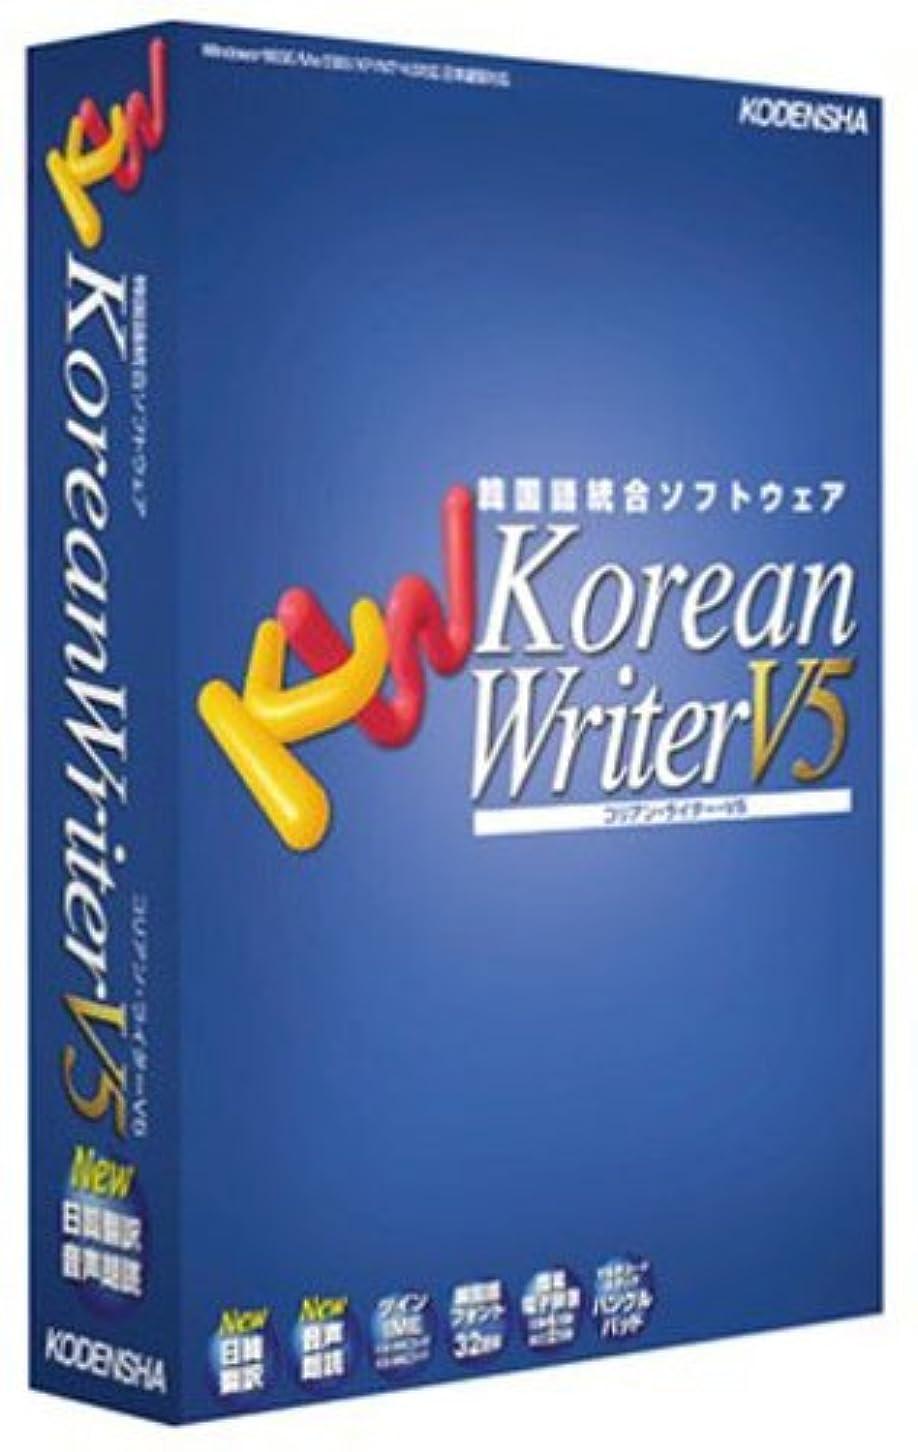 保有者フェデレーション争うKorean Writer V5